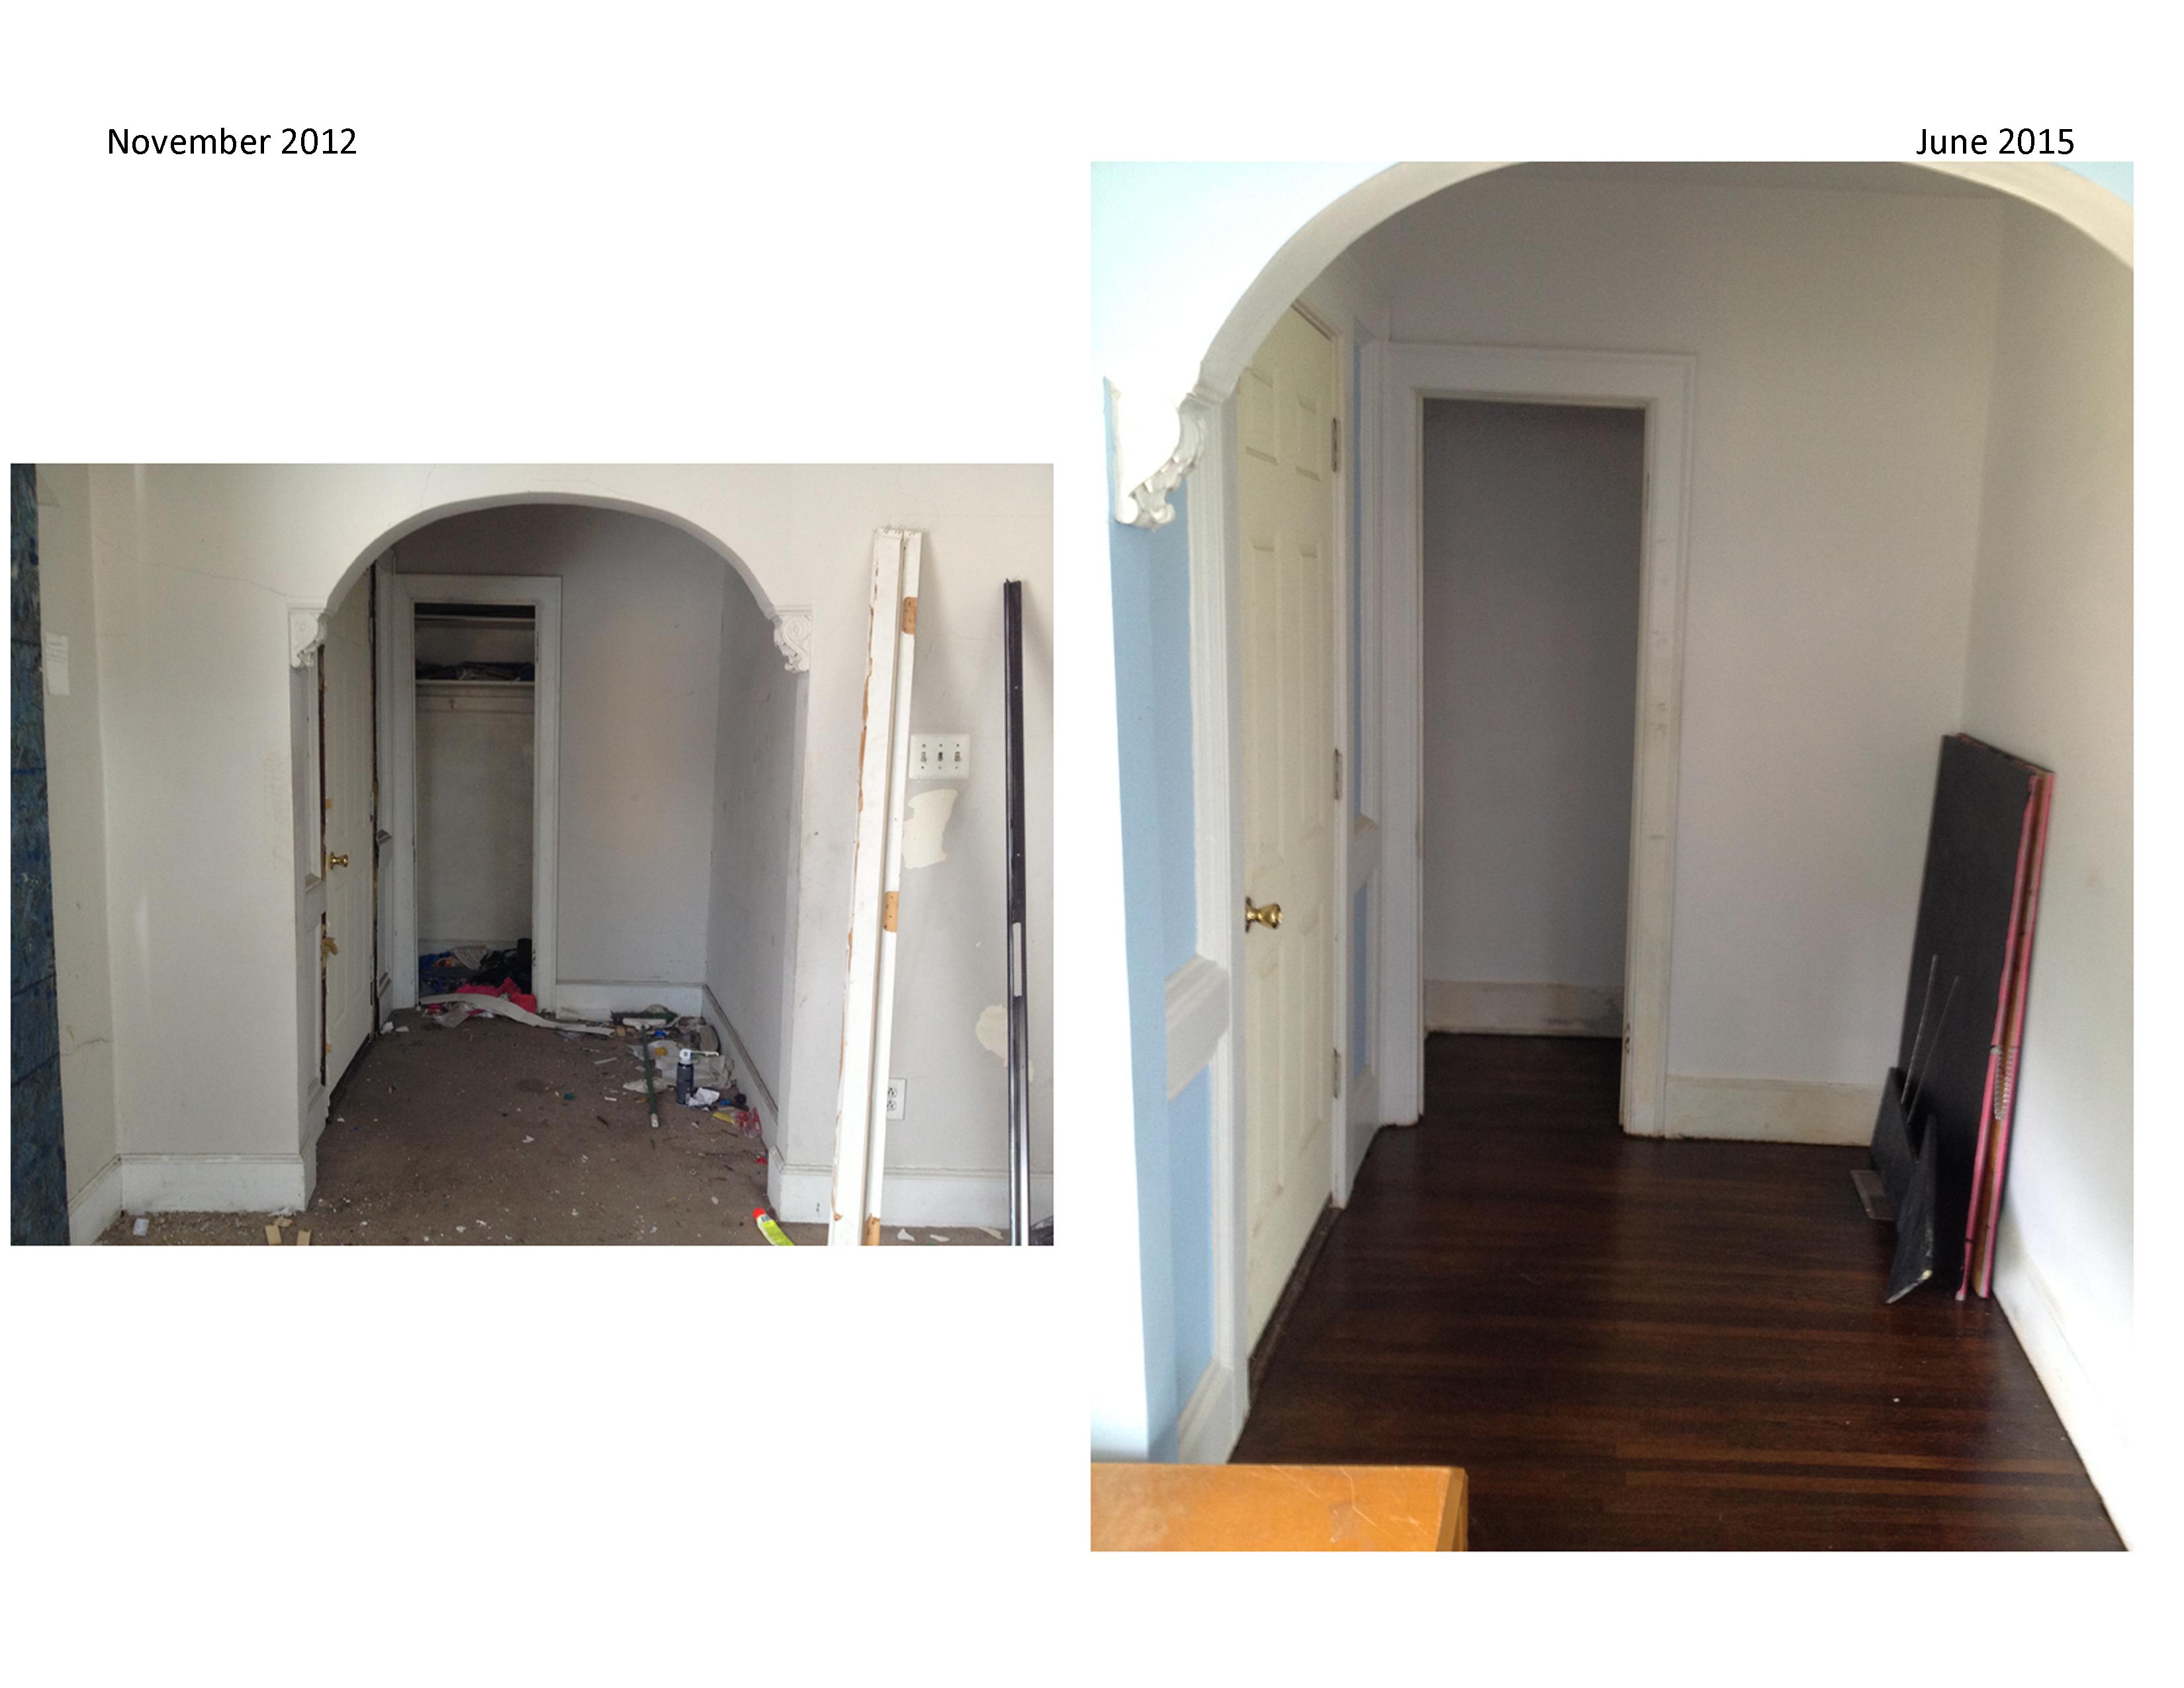 4firstfloorfoyerBeforeAfter300.jpg